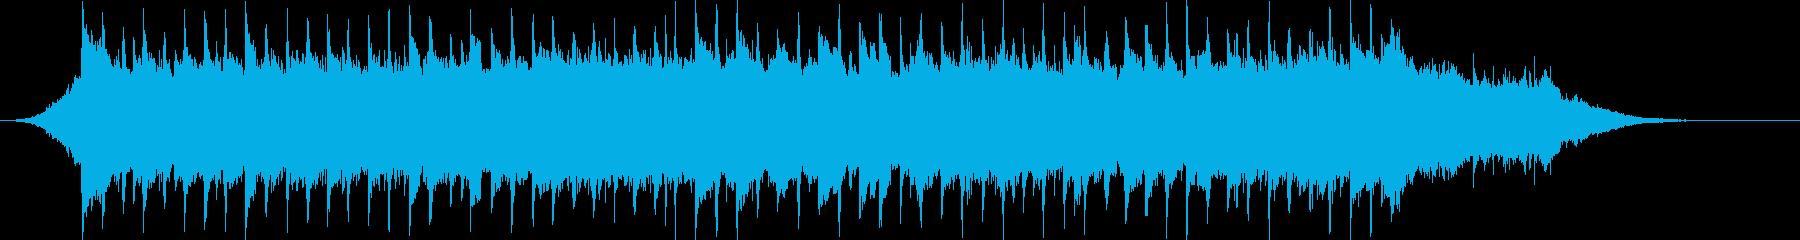 企業VP系70、爽やかギター4つ打ちcの再生済みの波形